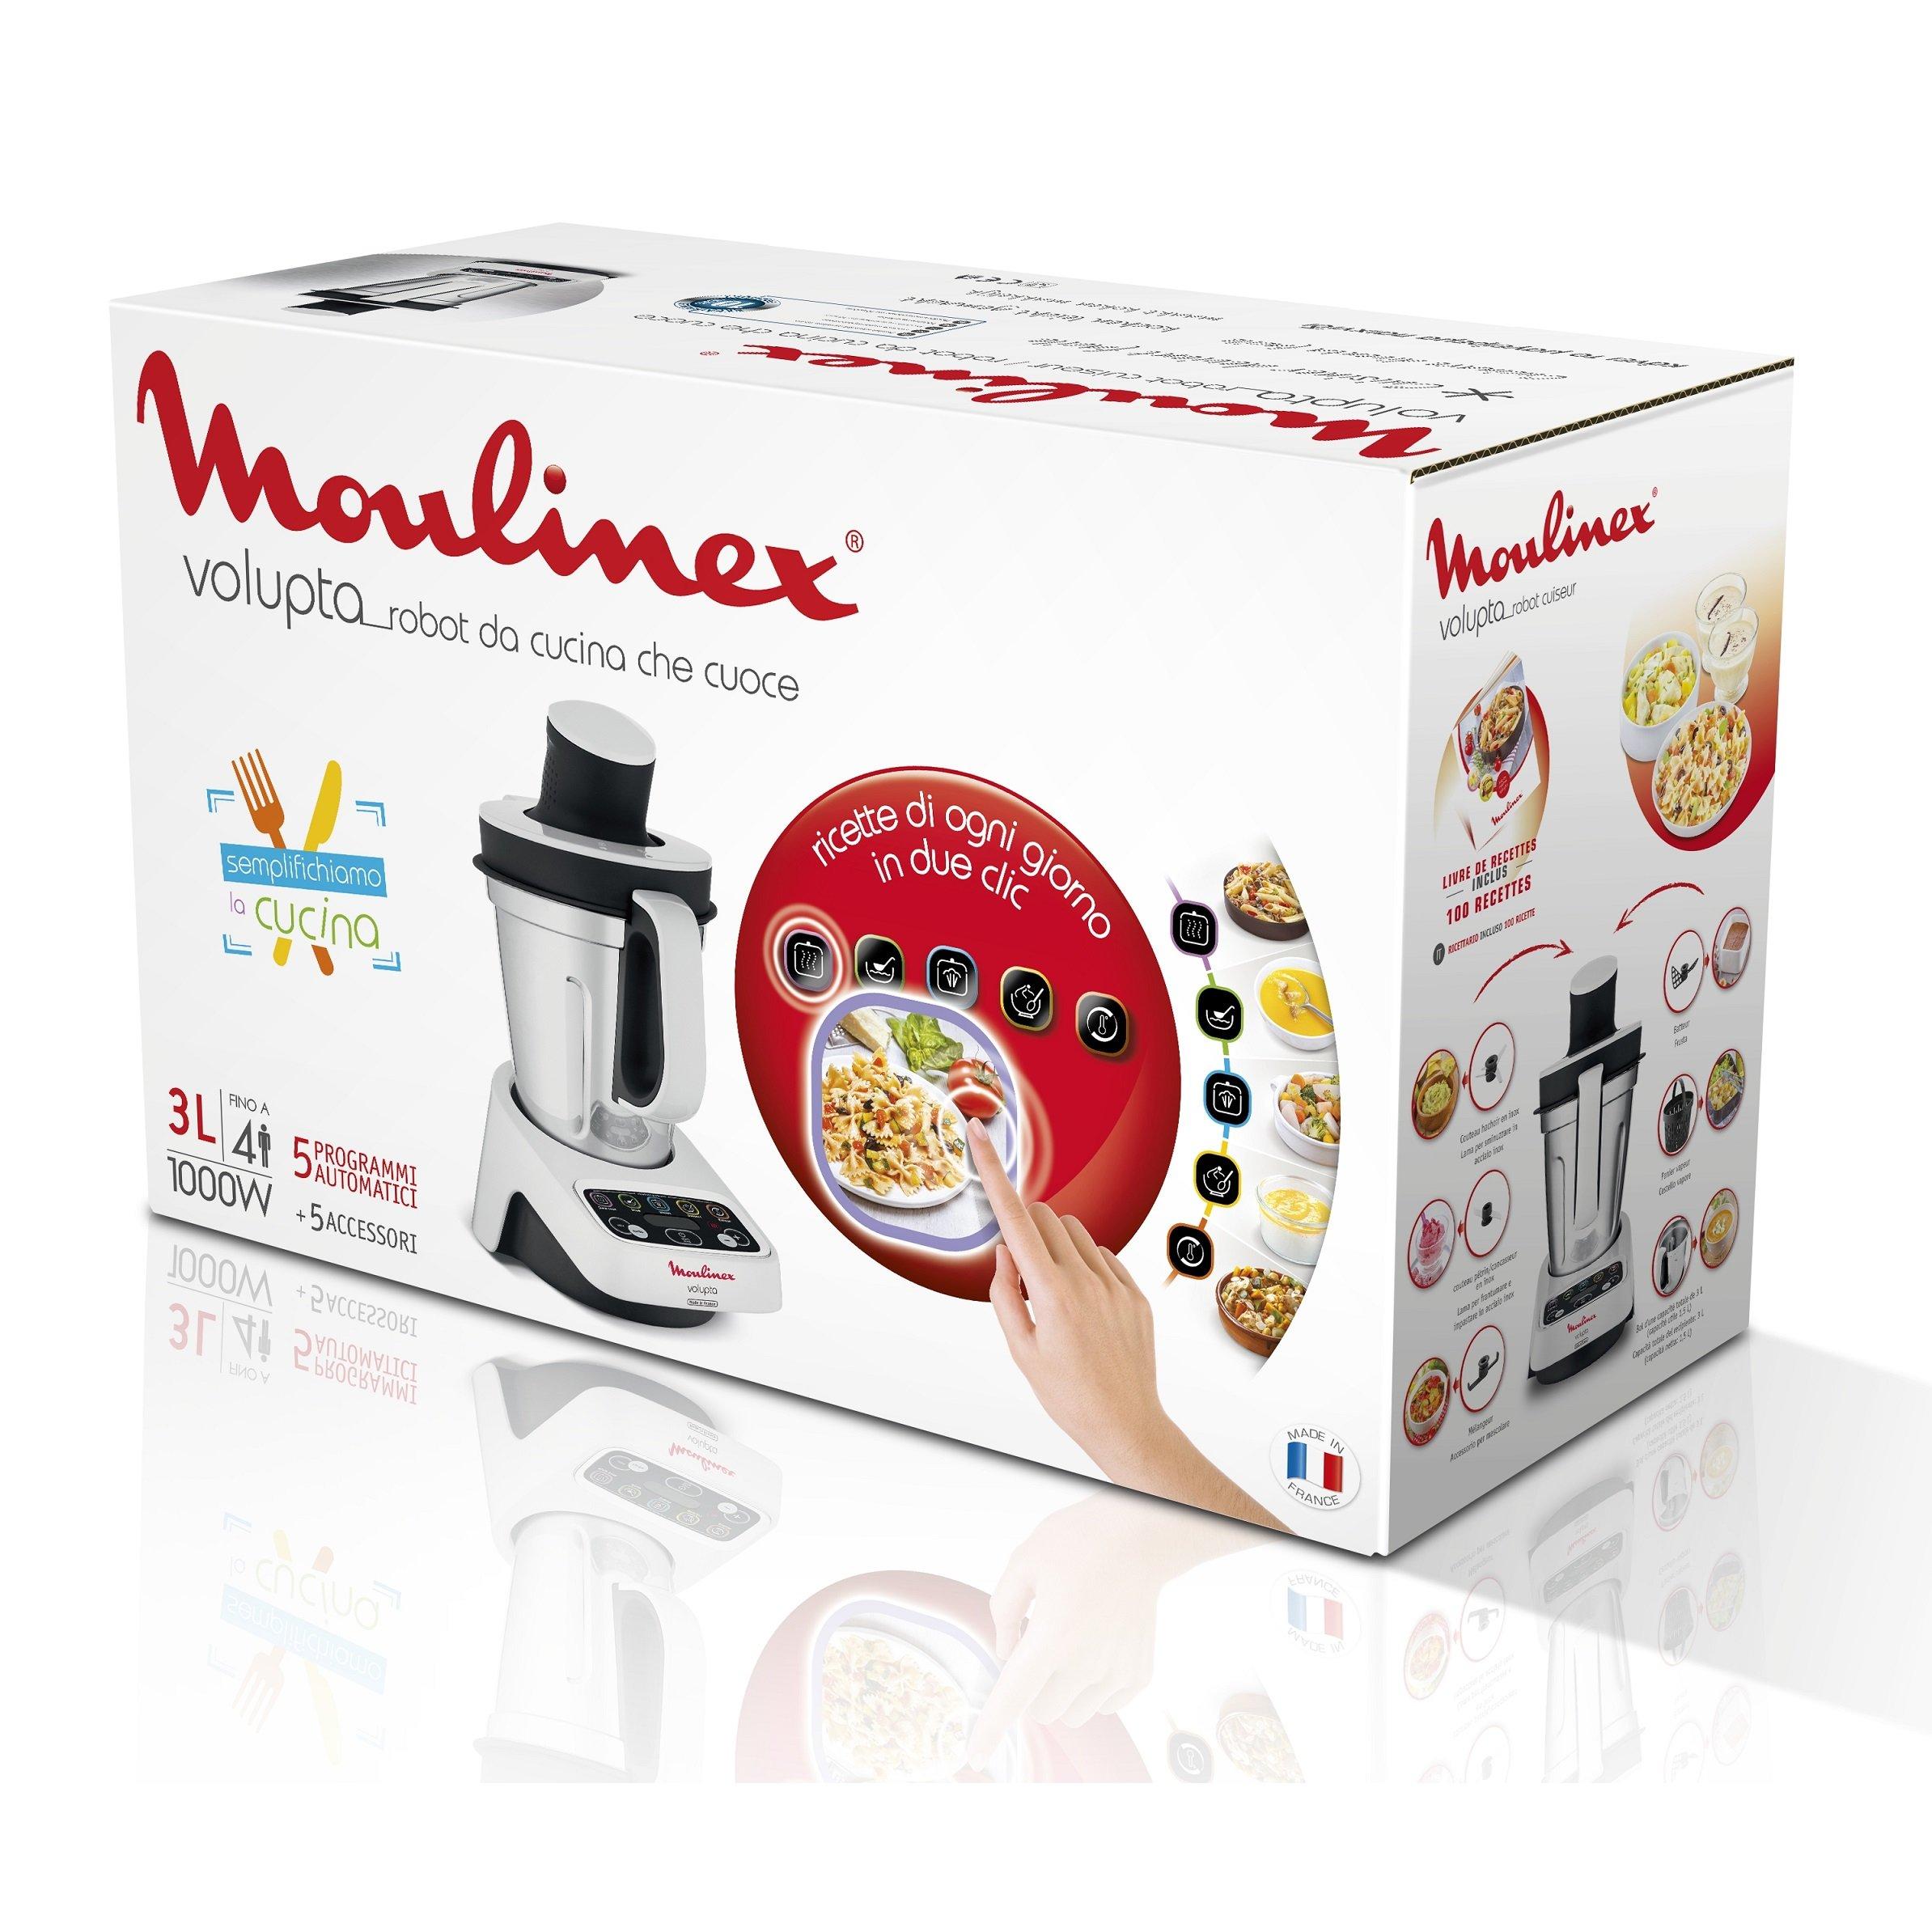 Moulinex-Volupta-hf404113-Multifunktions-Kchenmaschine-1000-W-Fassungsvermgen-3-L-Intuitive-Schnittstelle-mit-5-Programme-5-Zubehr